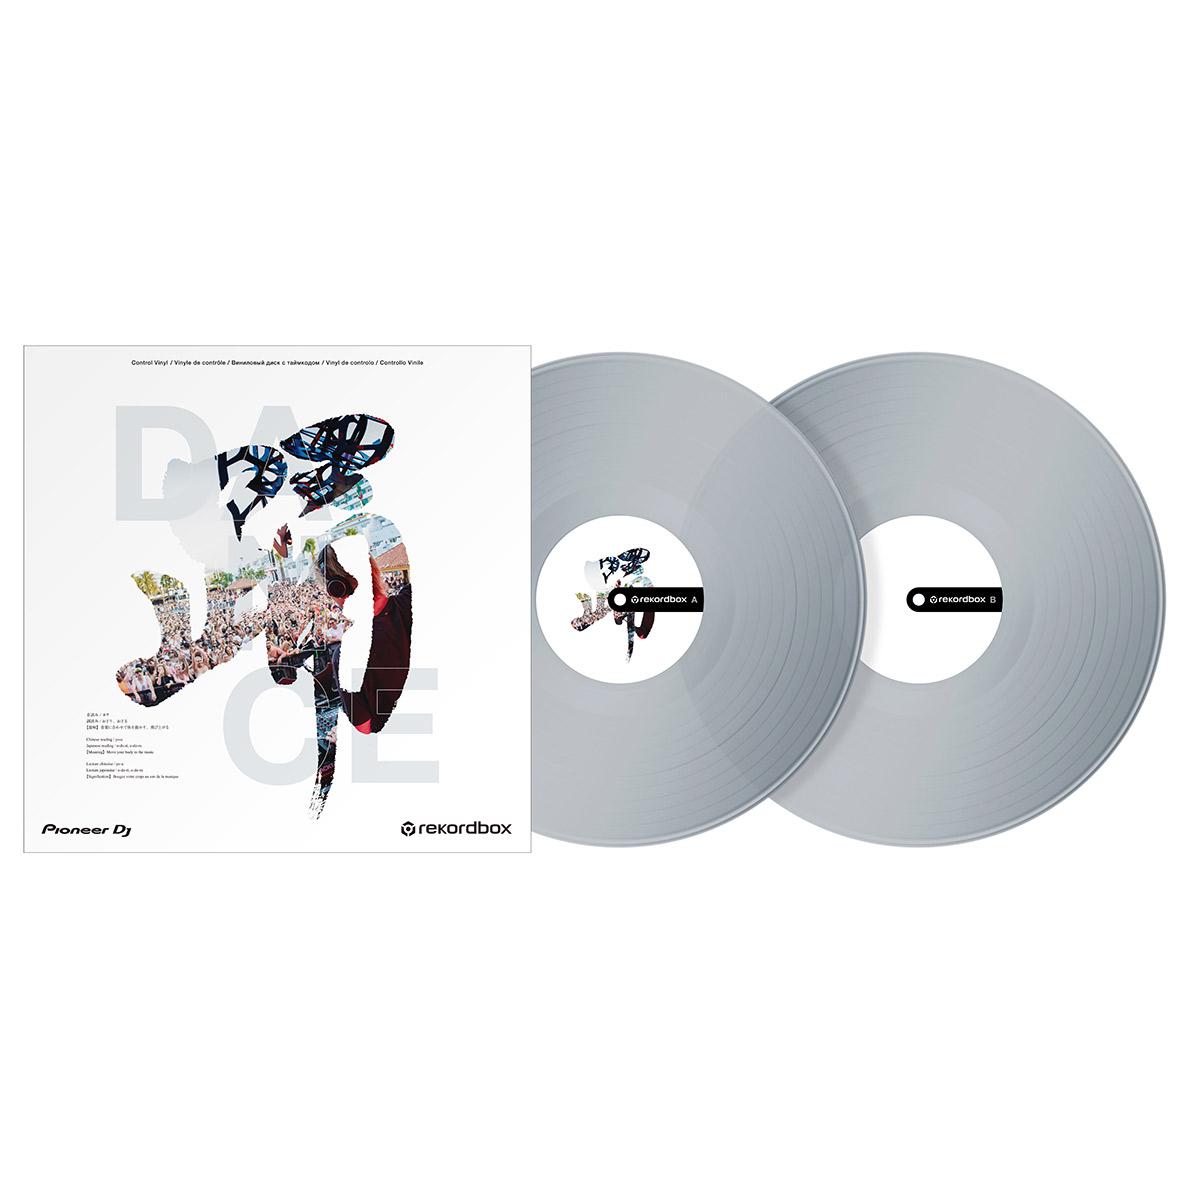 Pioneer DJ rekordbox専用 Control Vinyl クリア 人気ブレゼント DANCE コントロールバイナル 定番から日本未入荷 2枚セット パイオニア 踊 レコードボックス RB-VD2-CL